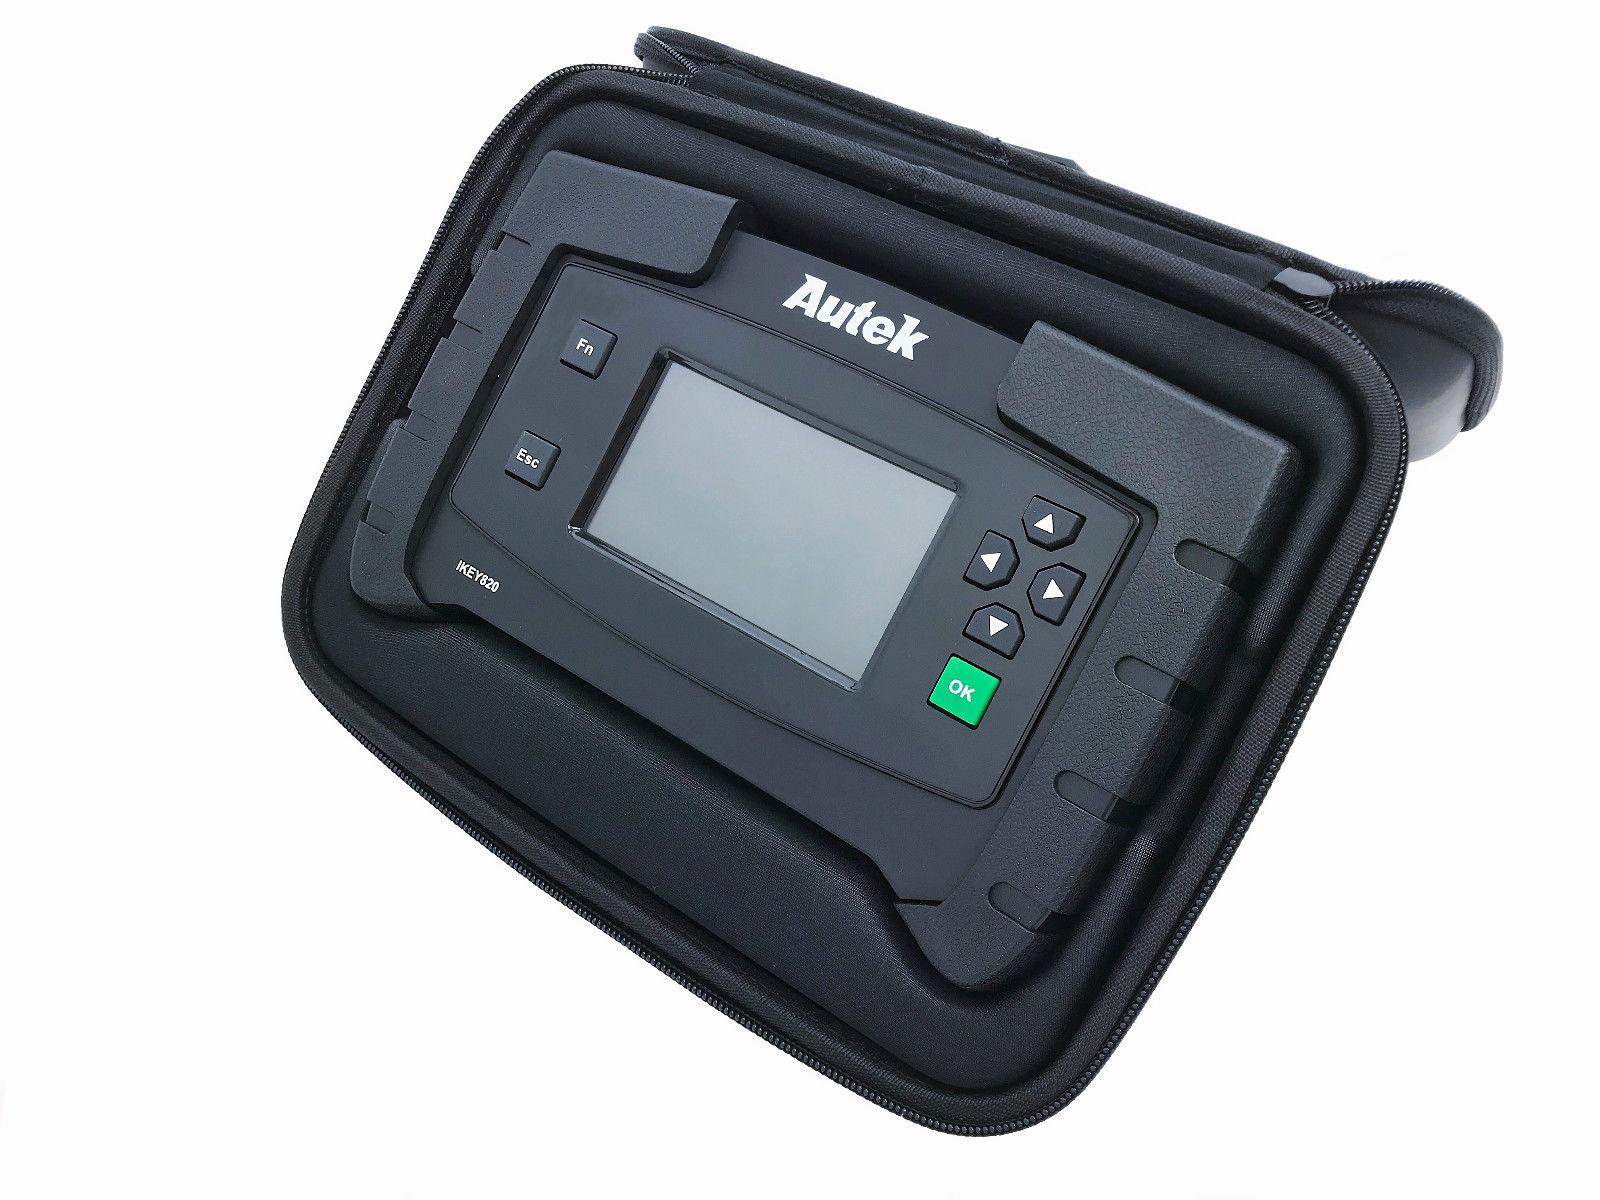 Autek IKey820